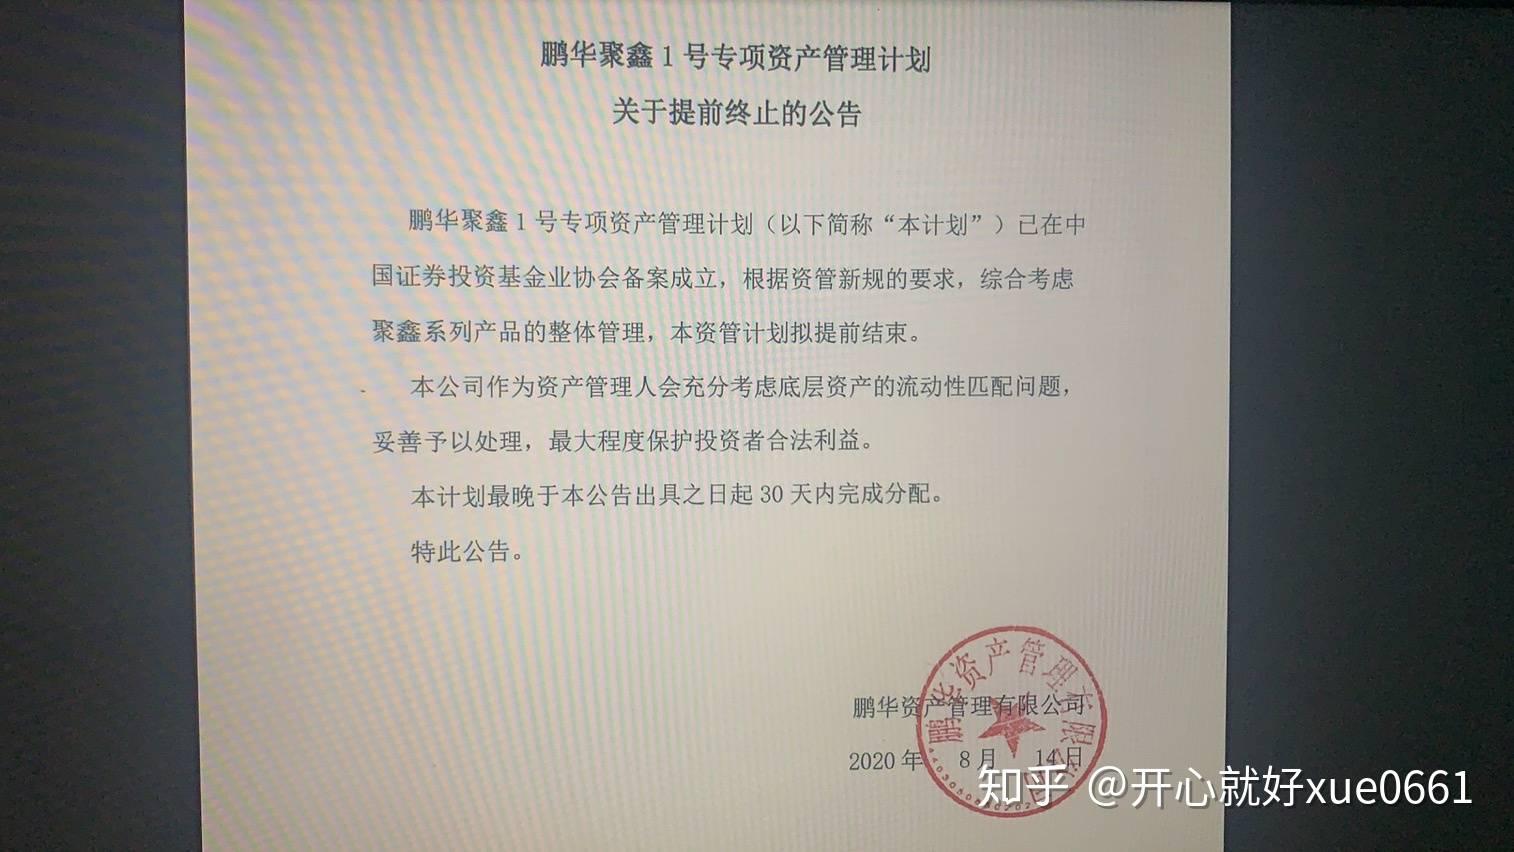 """鹏华基金子公司踩雷,代销机构工行却""""积极""""兑付,缘何?     第1张"""